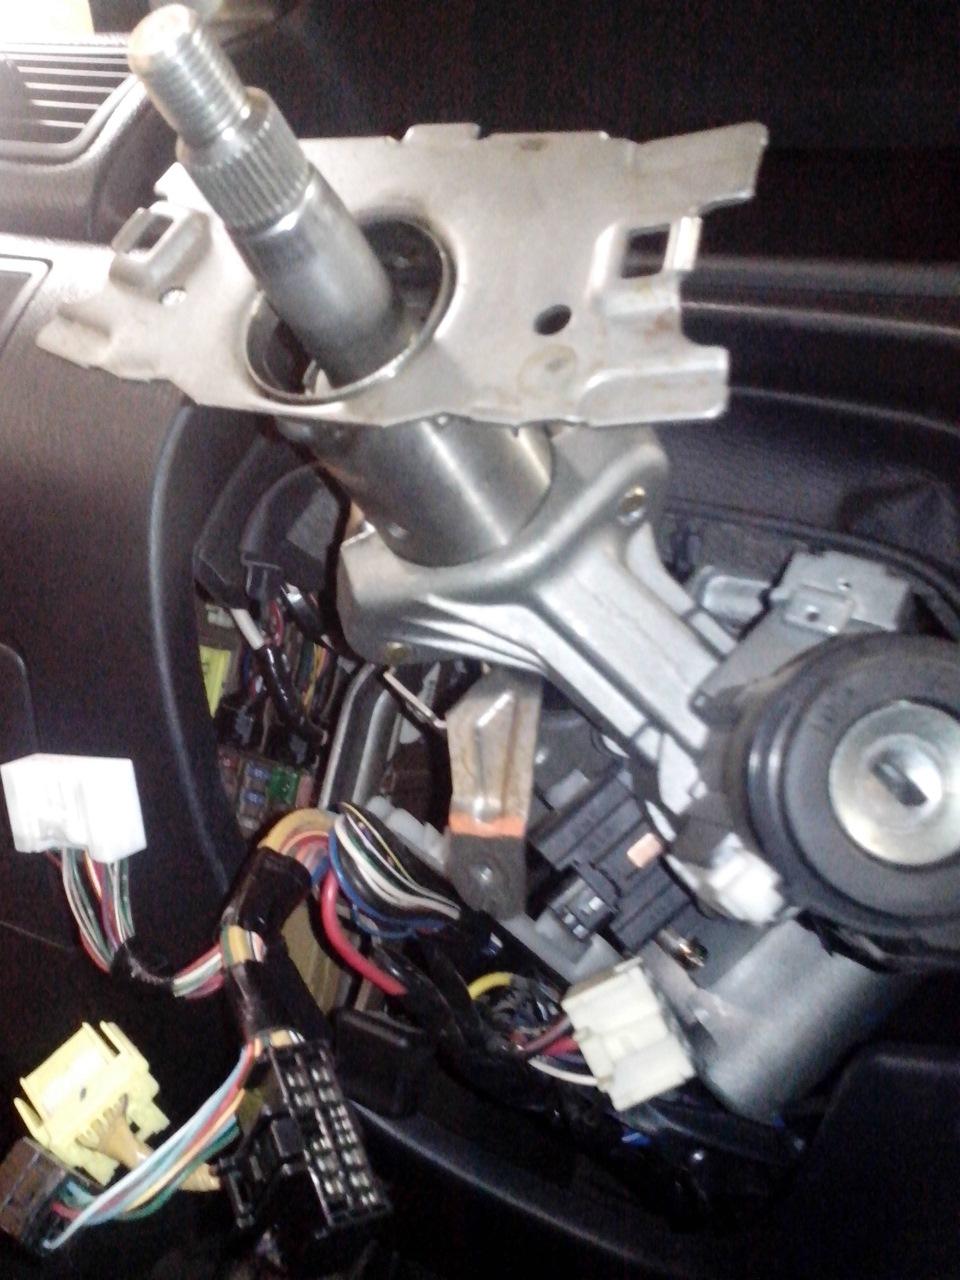 Замена рулевой машинки королла 120 Установка и замена гофры глушителя пежо 407